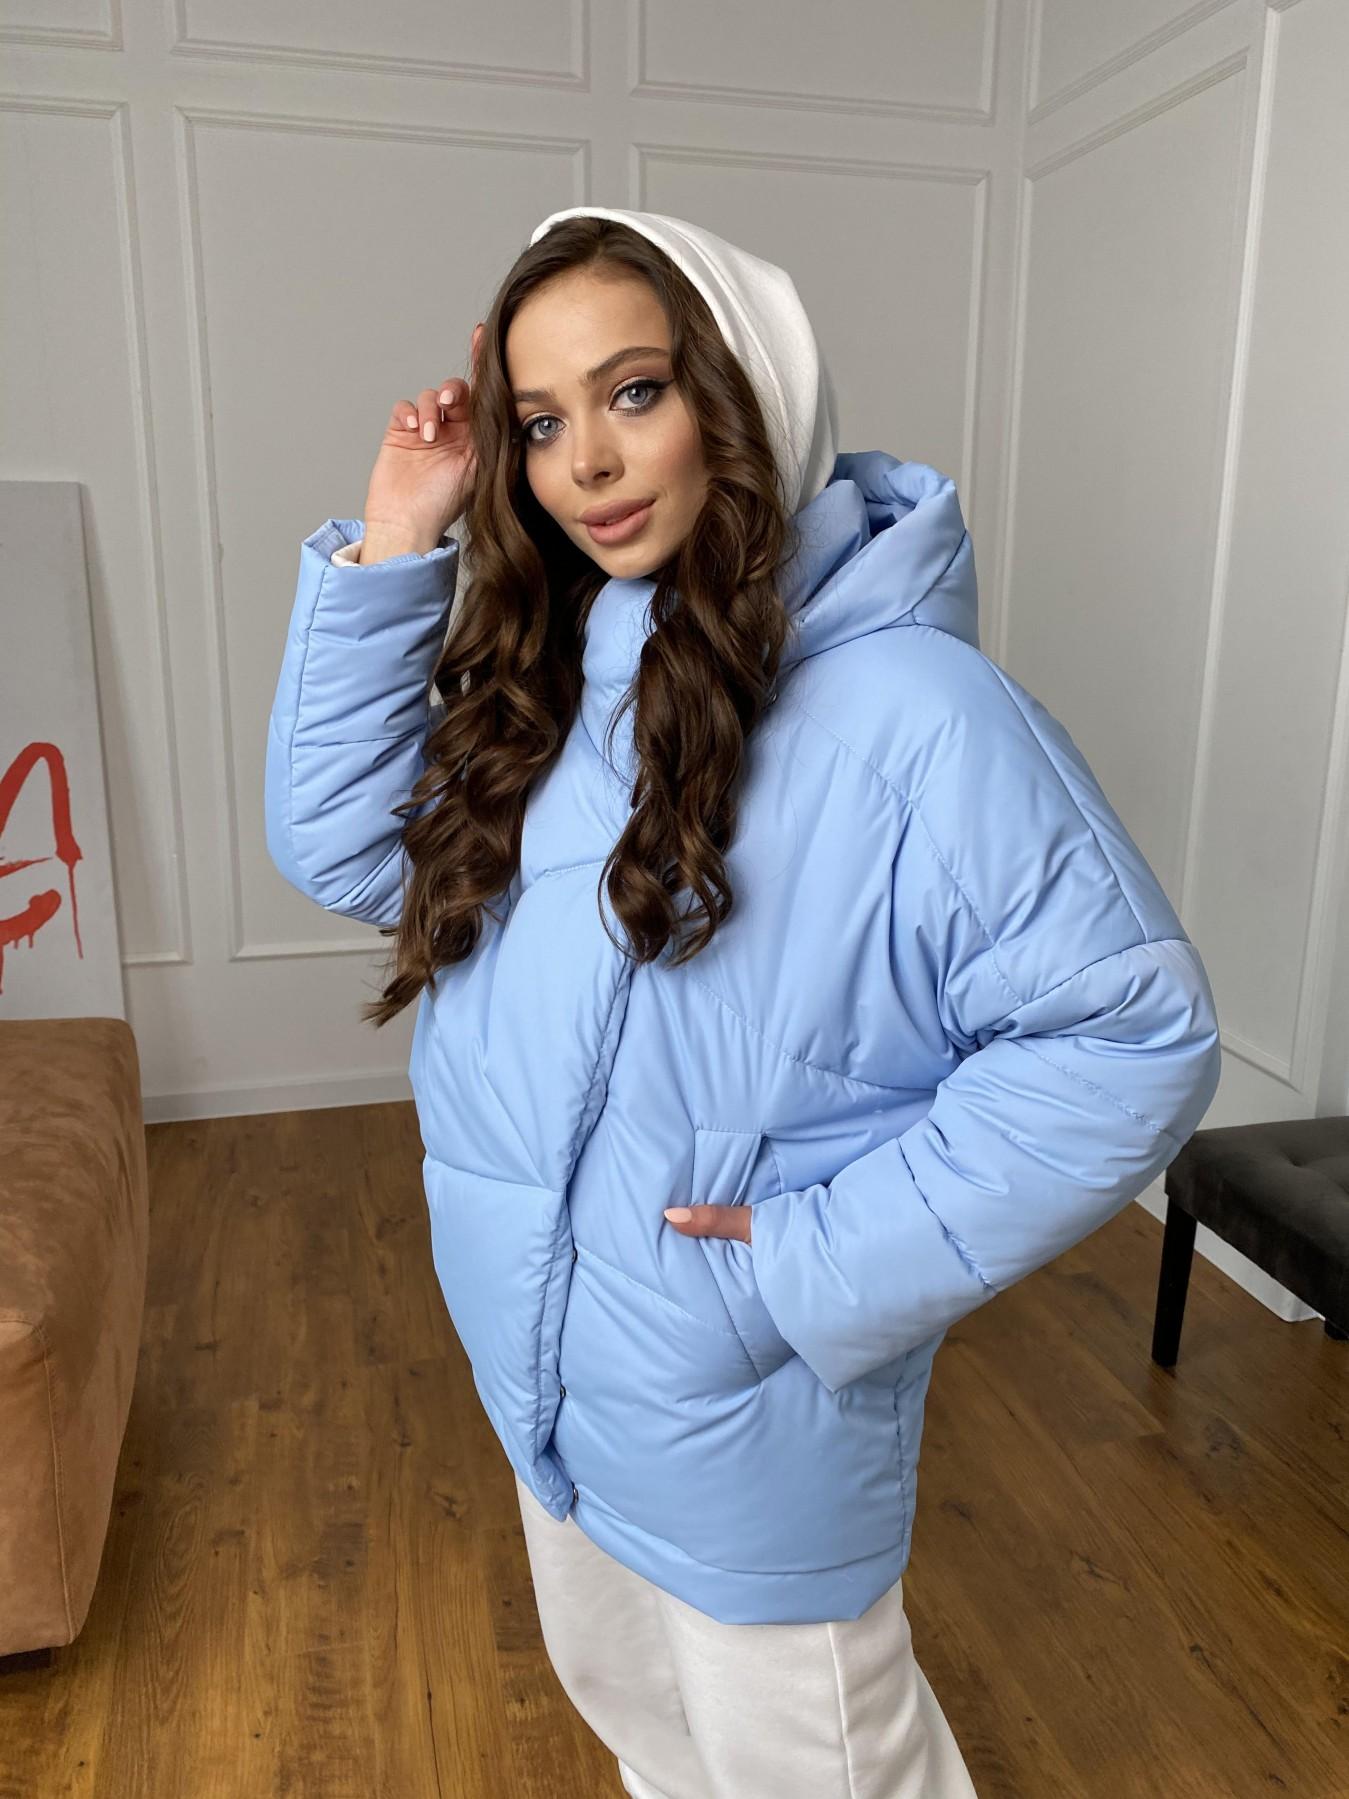 Уно куртка плащевка Ammy 10671 АРТ. 47398 Цвет: Голубой - фото 7, интернет магазин tm-modus.ru